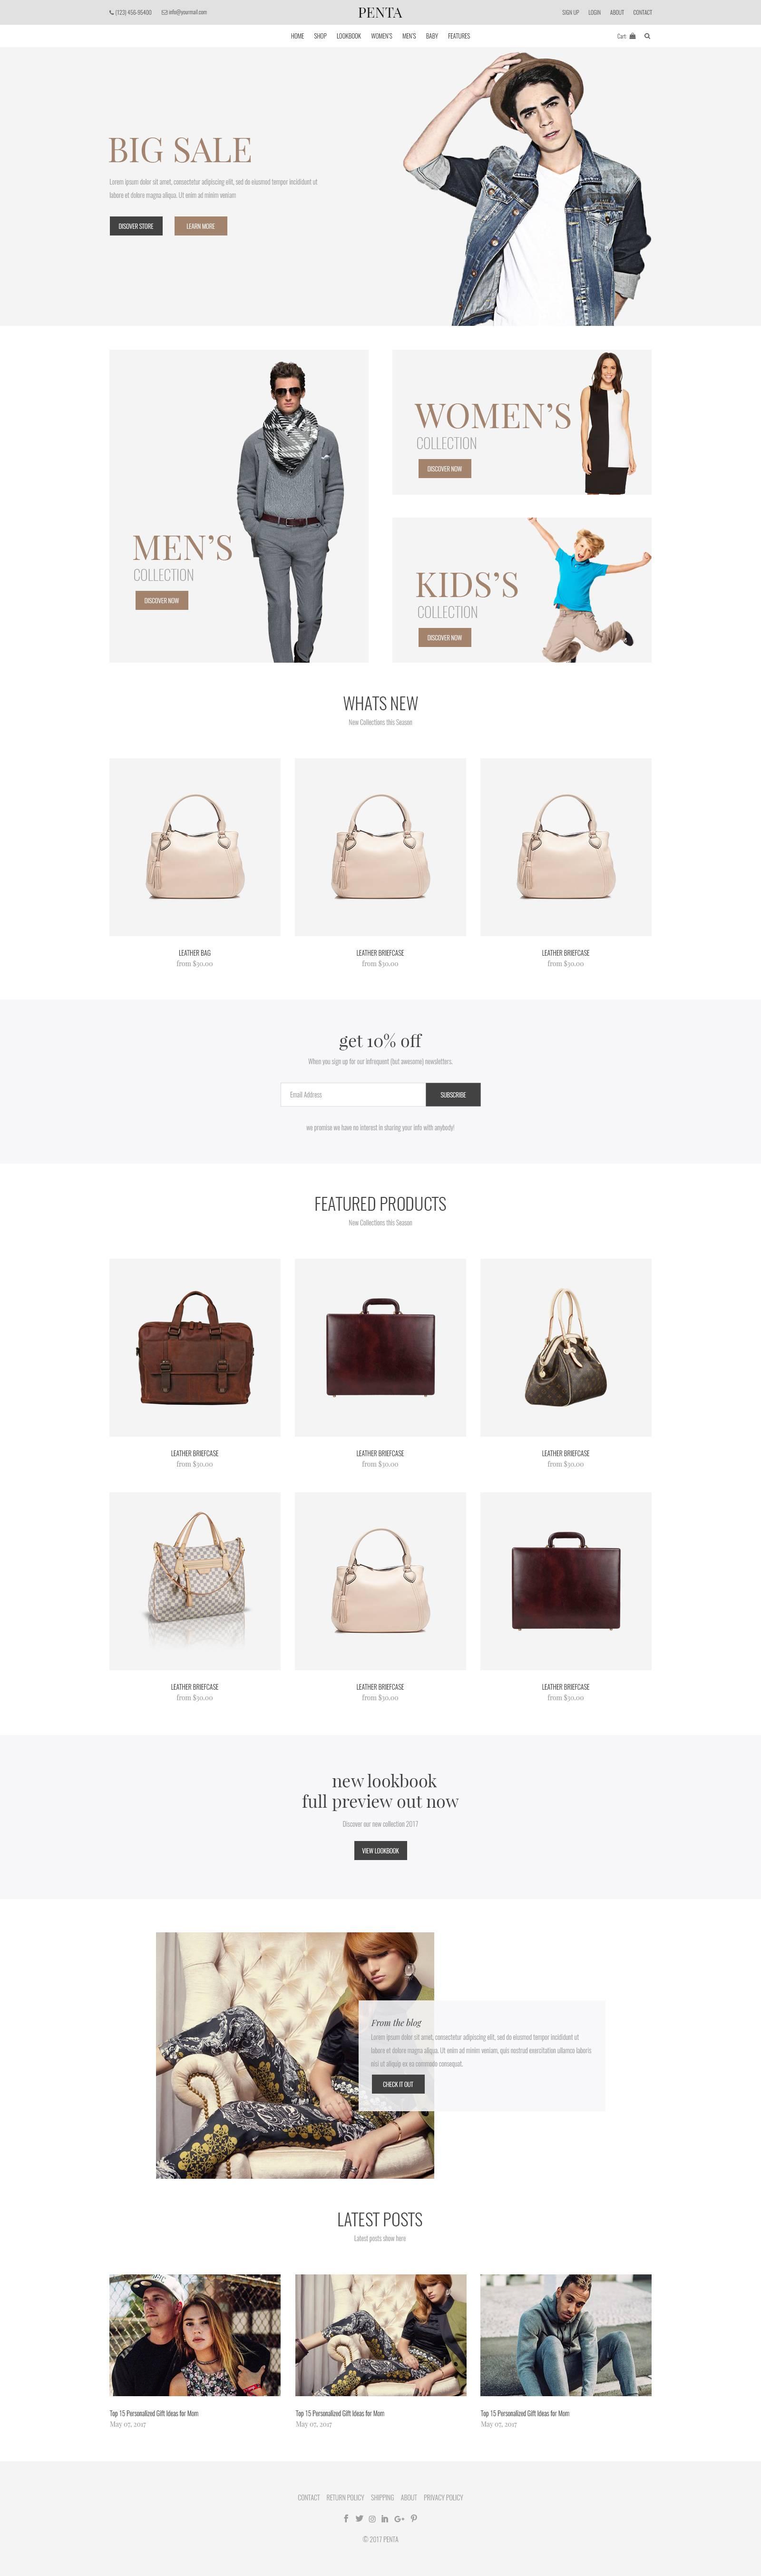 时尚电商购物网站UI界面设计.psd素材下载 网页模板-第1张